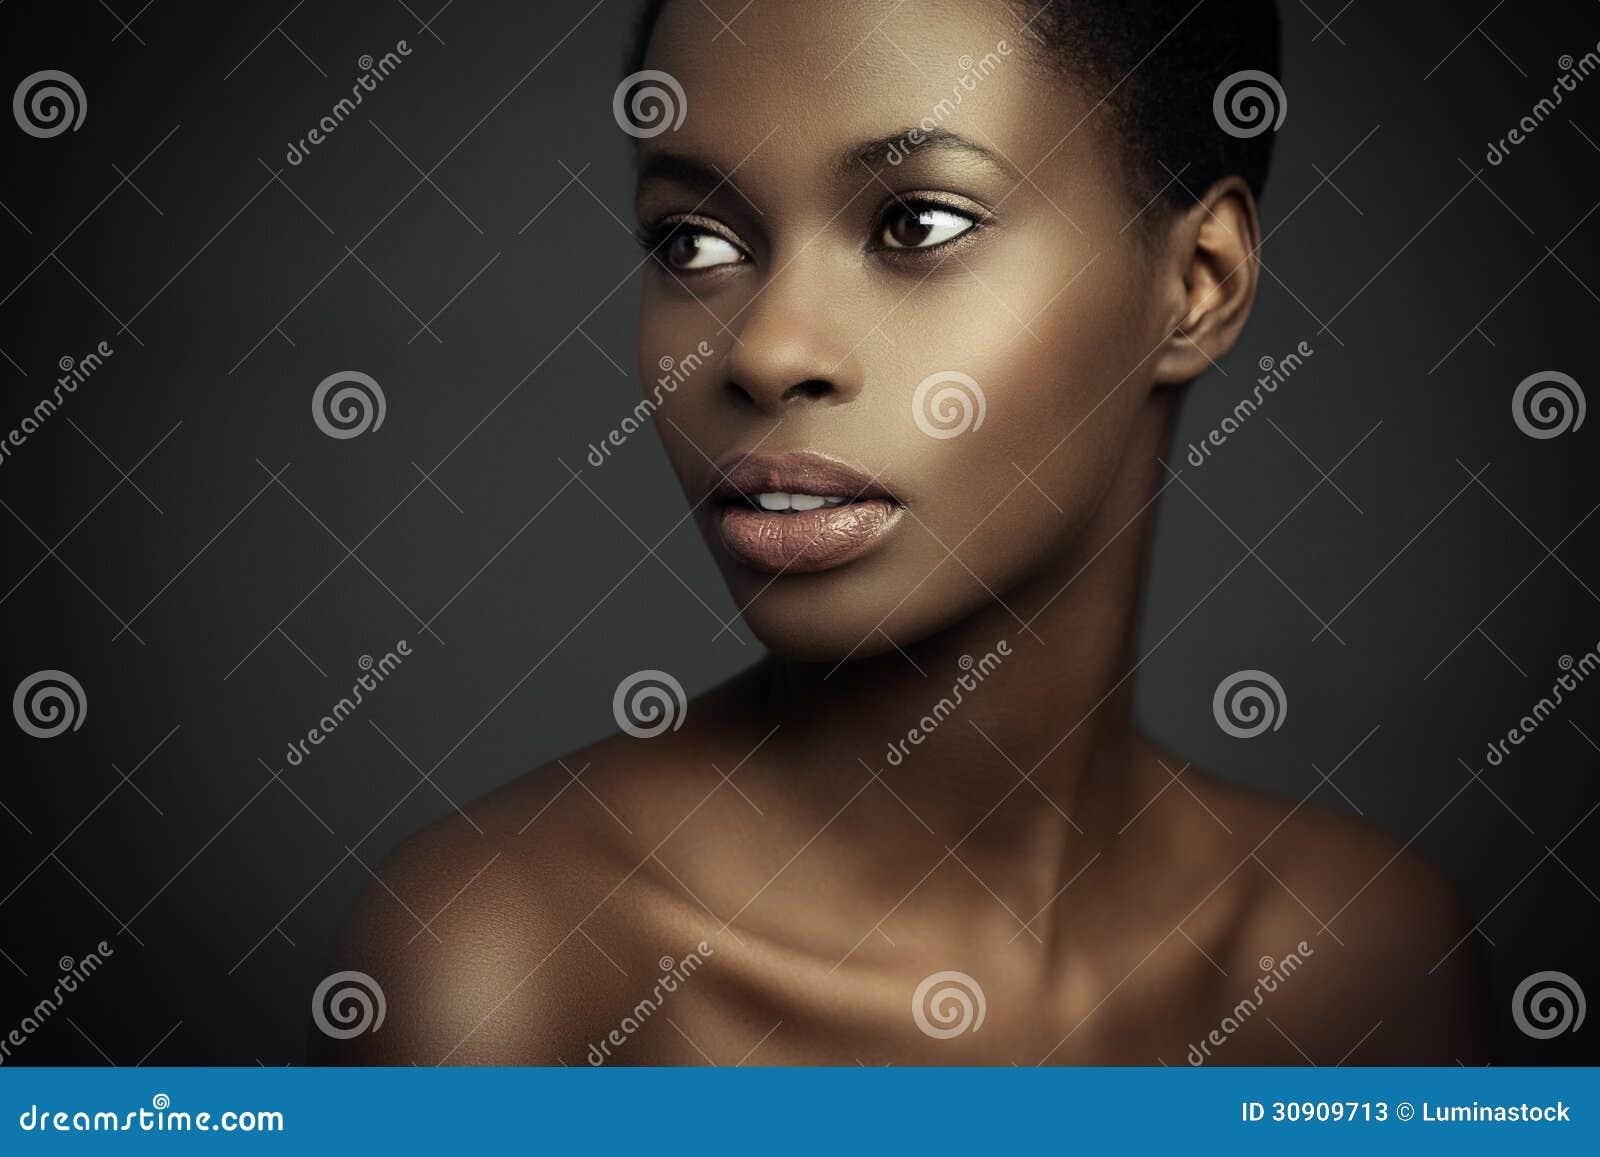 Самые черные африканки, Негритянки секс фото 23 фотография